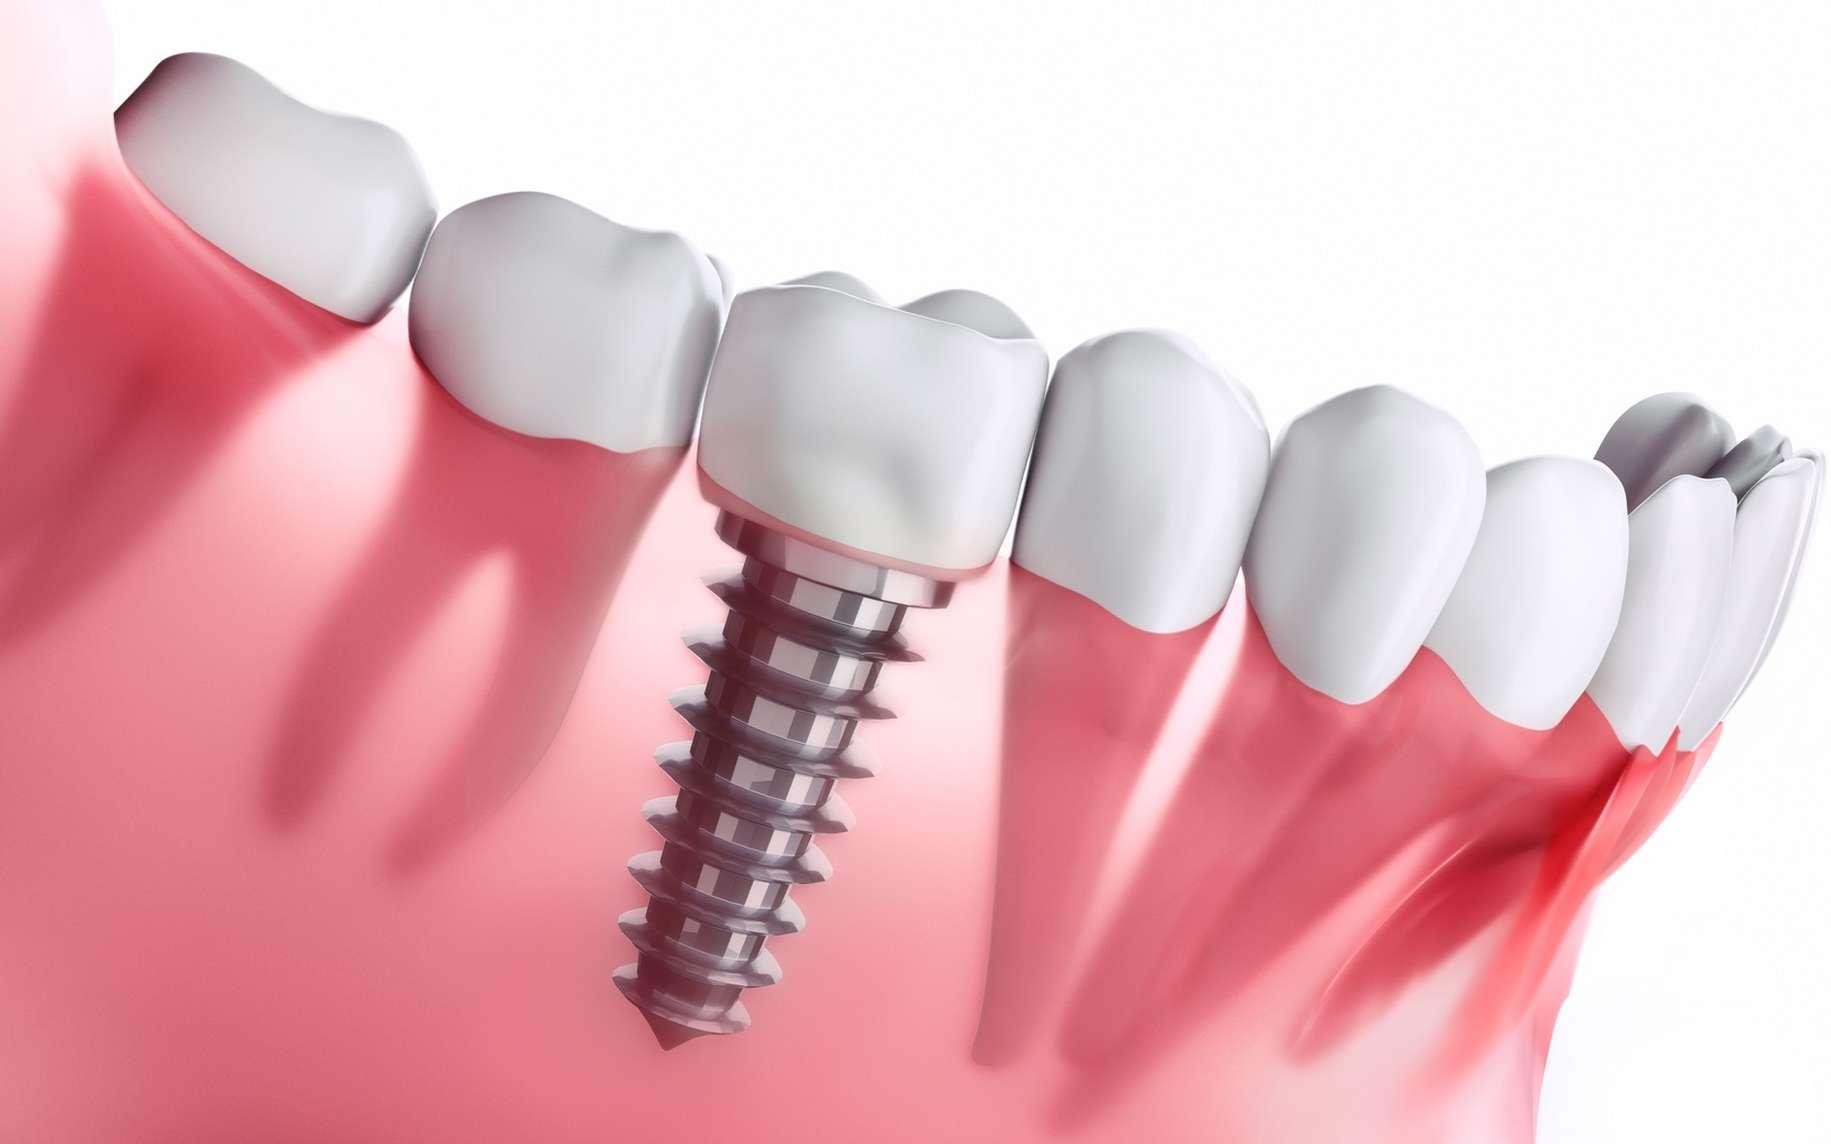 Implant dentaire : quelles sont les contres indications de ces prothèses dentaires ?